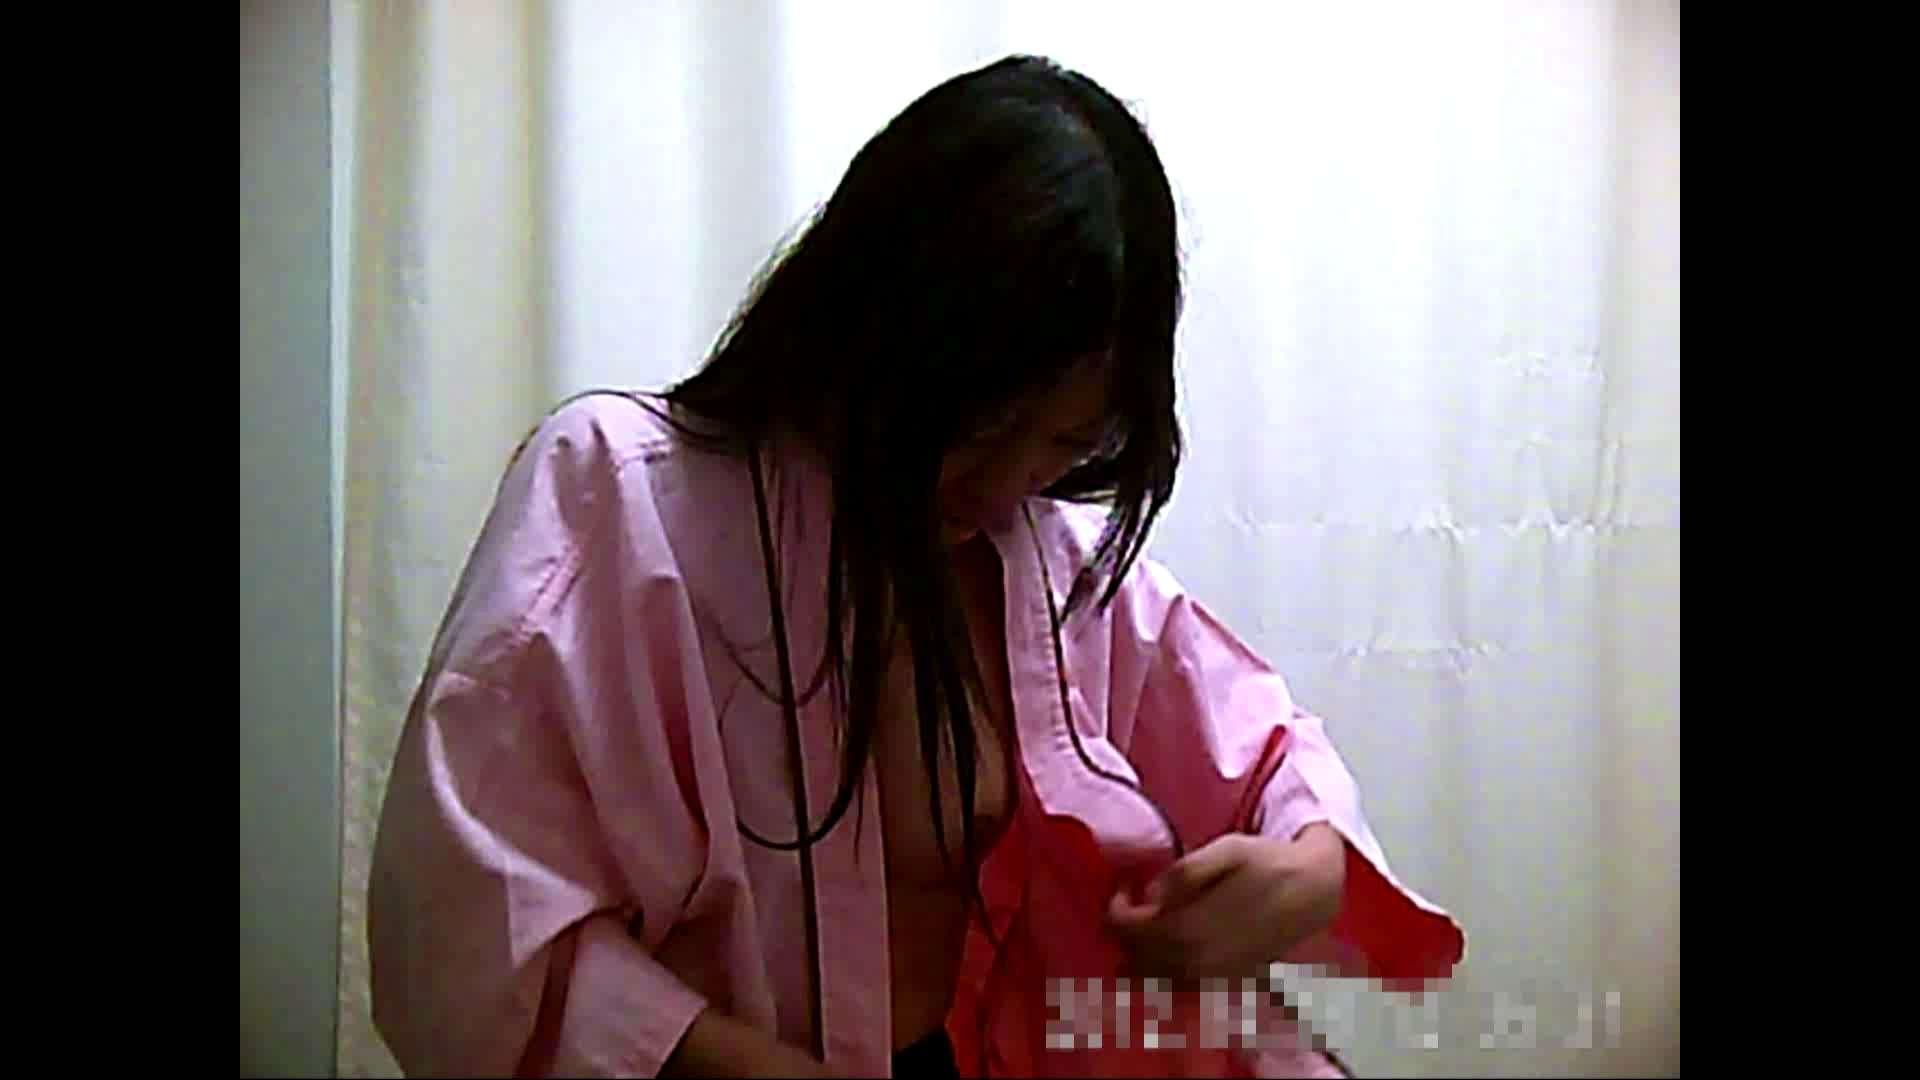 元医者による反抗 更衣室地獄絵巻 vol.015 ギャル攻め エロ画像 89画像 8